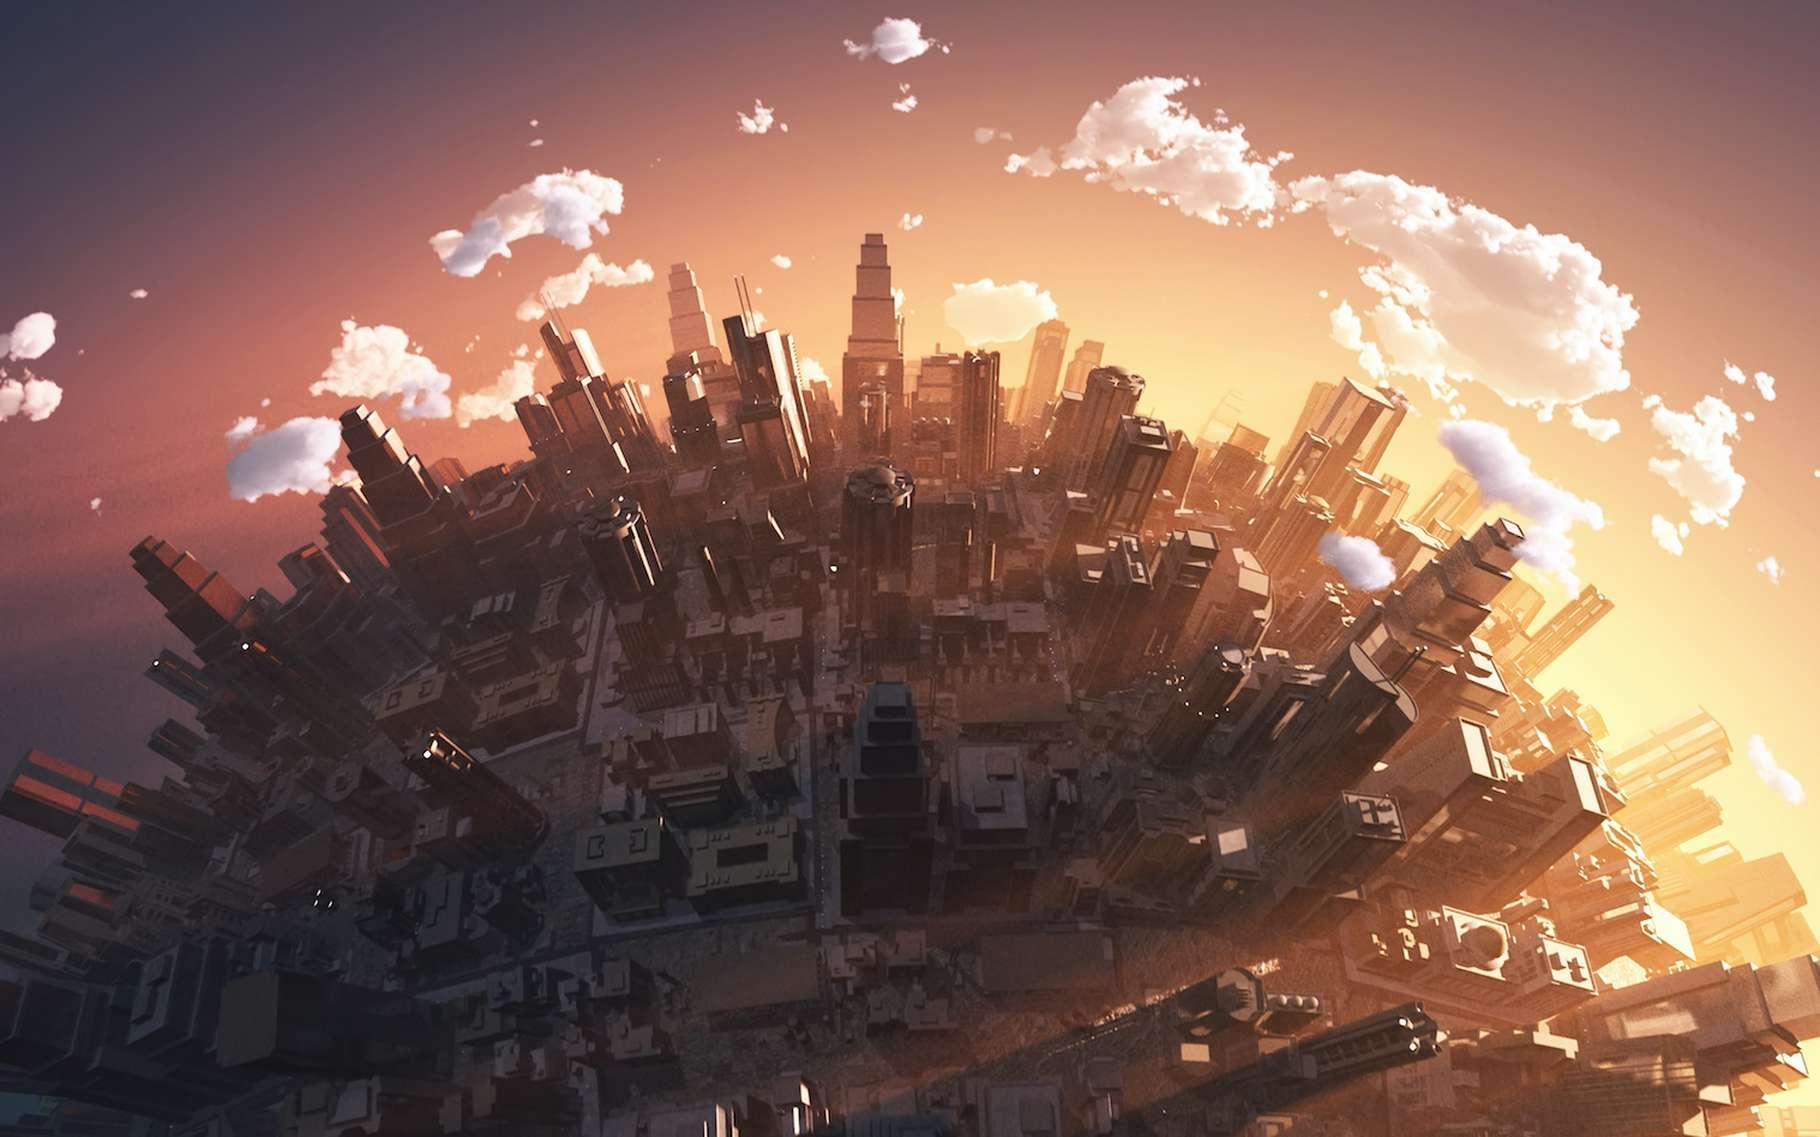 L'urbanisation, c'est l'une des modifications les plus visibles, les plus irréversibles et les plus rapides de l'occupation des terres dans l'histoire contemporaine. Pour la première fois, des chercheurs proposent des projections globales des terres urbaines au cours du XXIe siècle. © Photobank, Adobe Stock